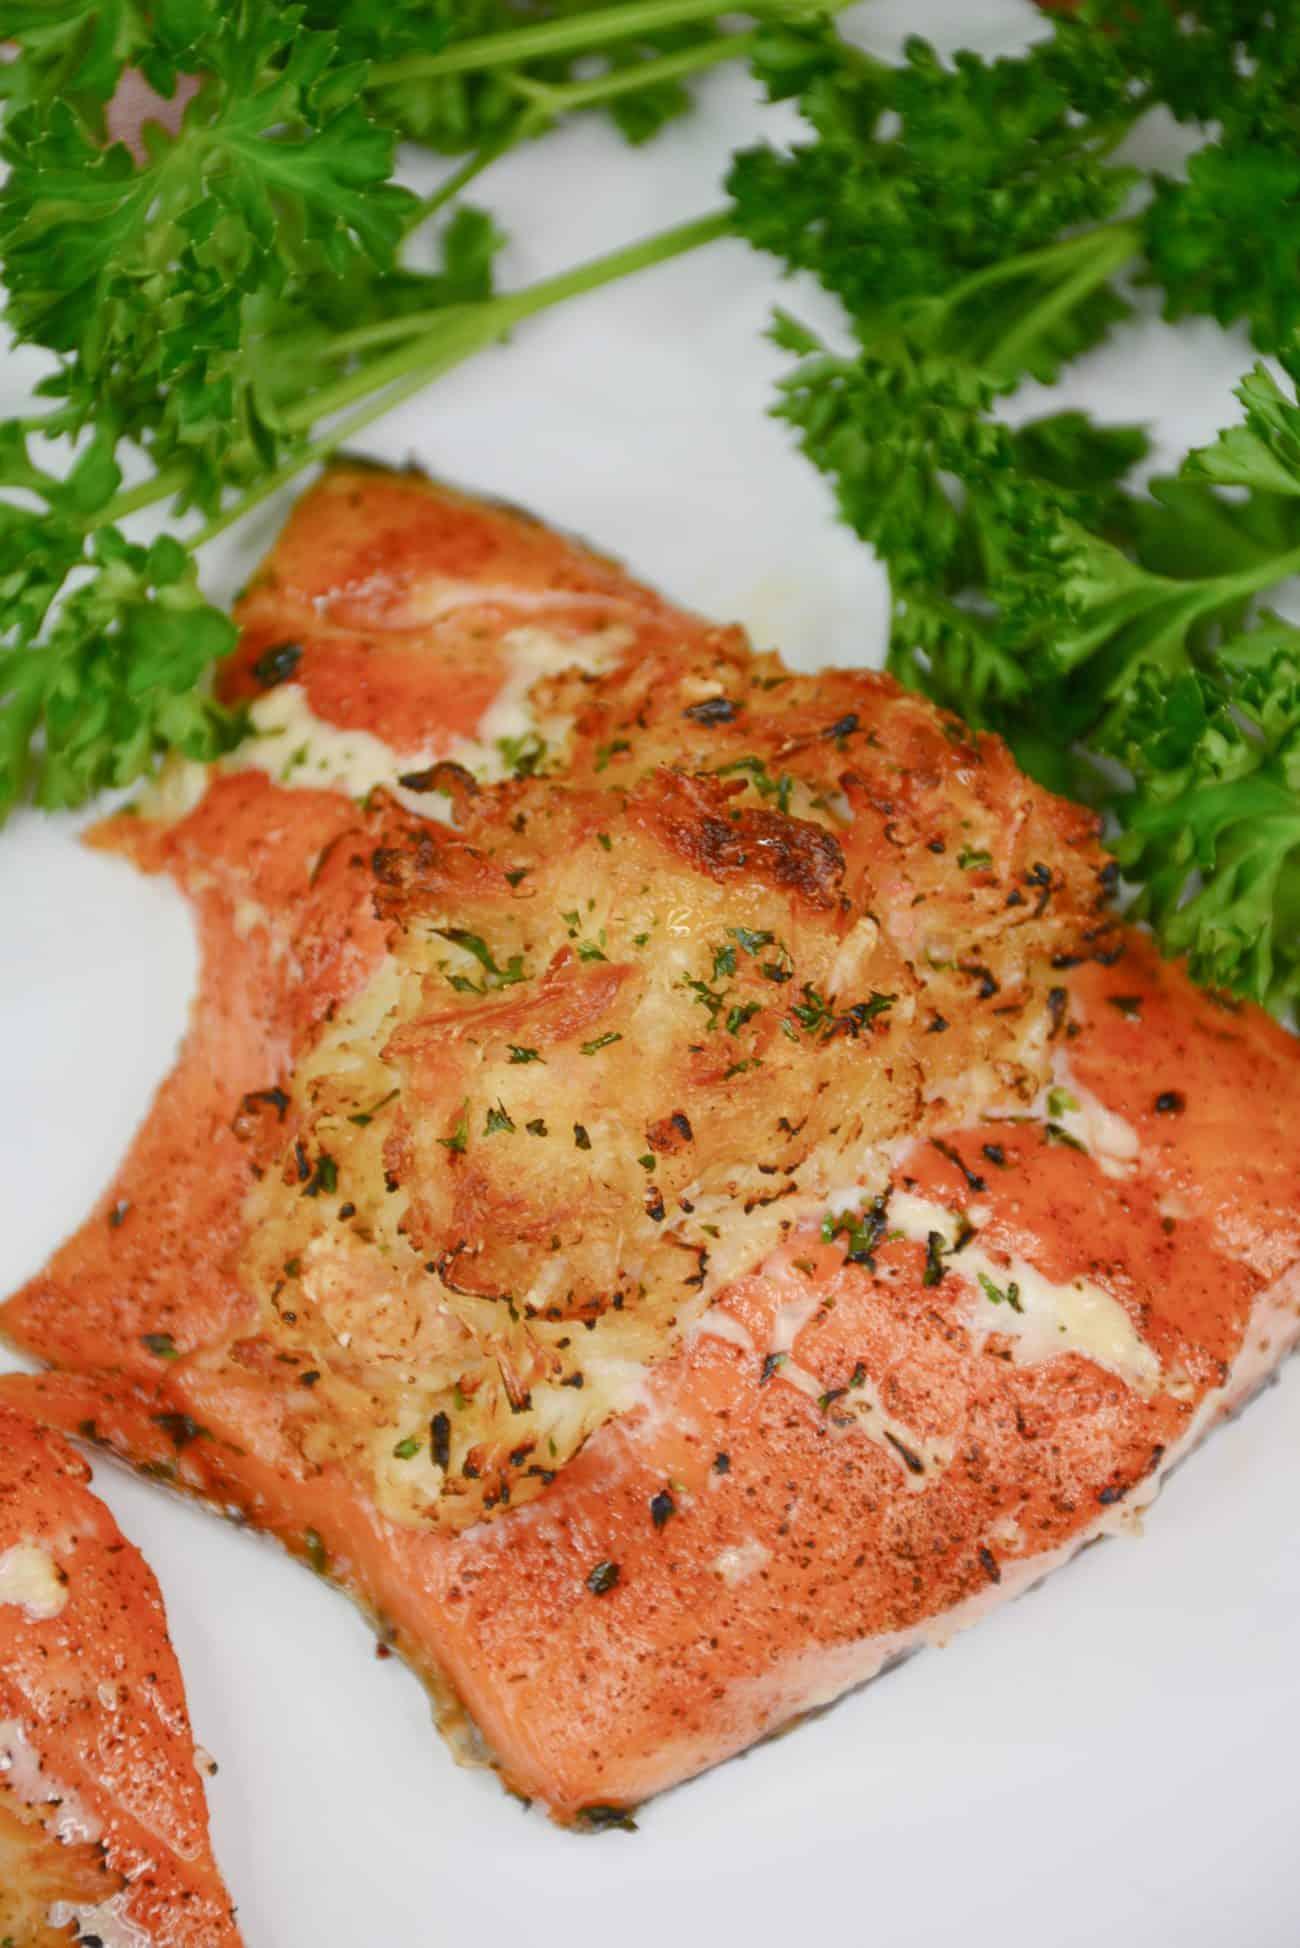 Stuffed Salmon